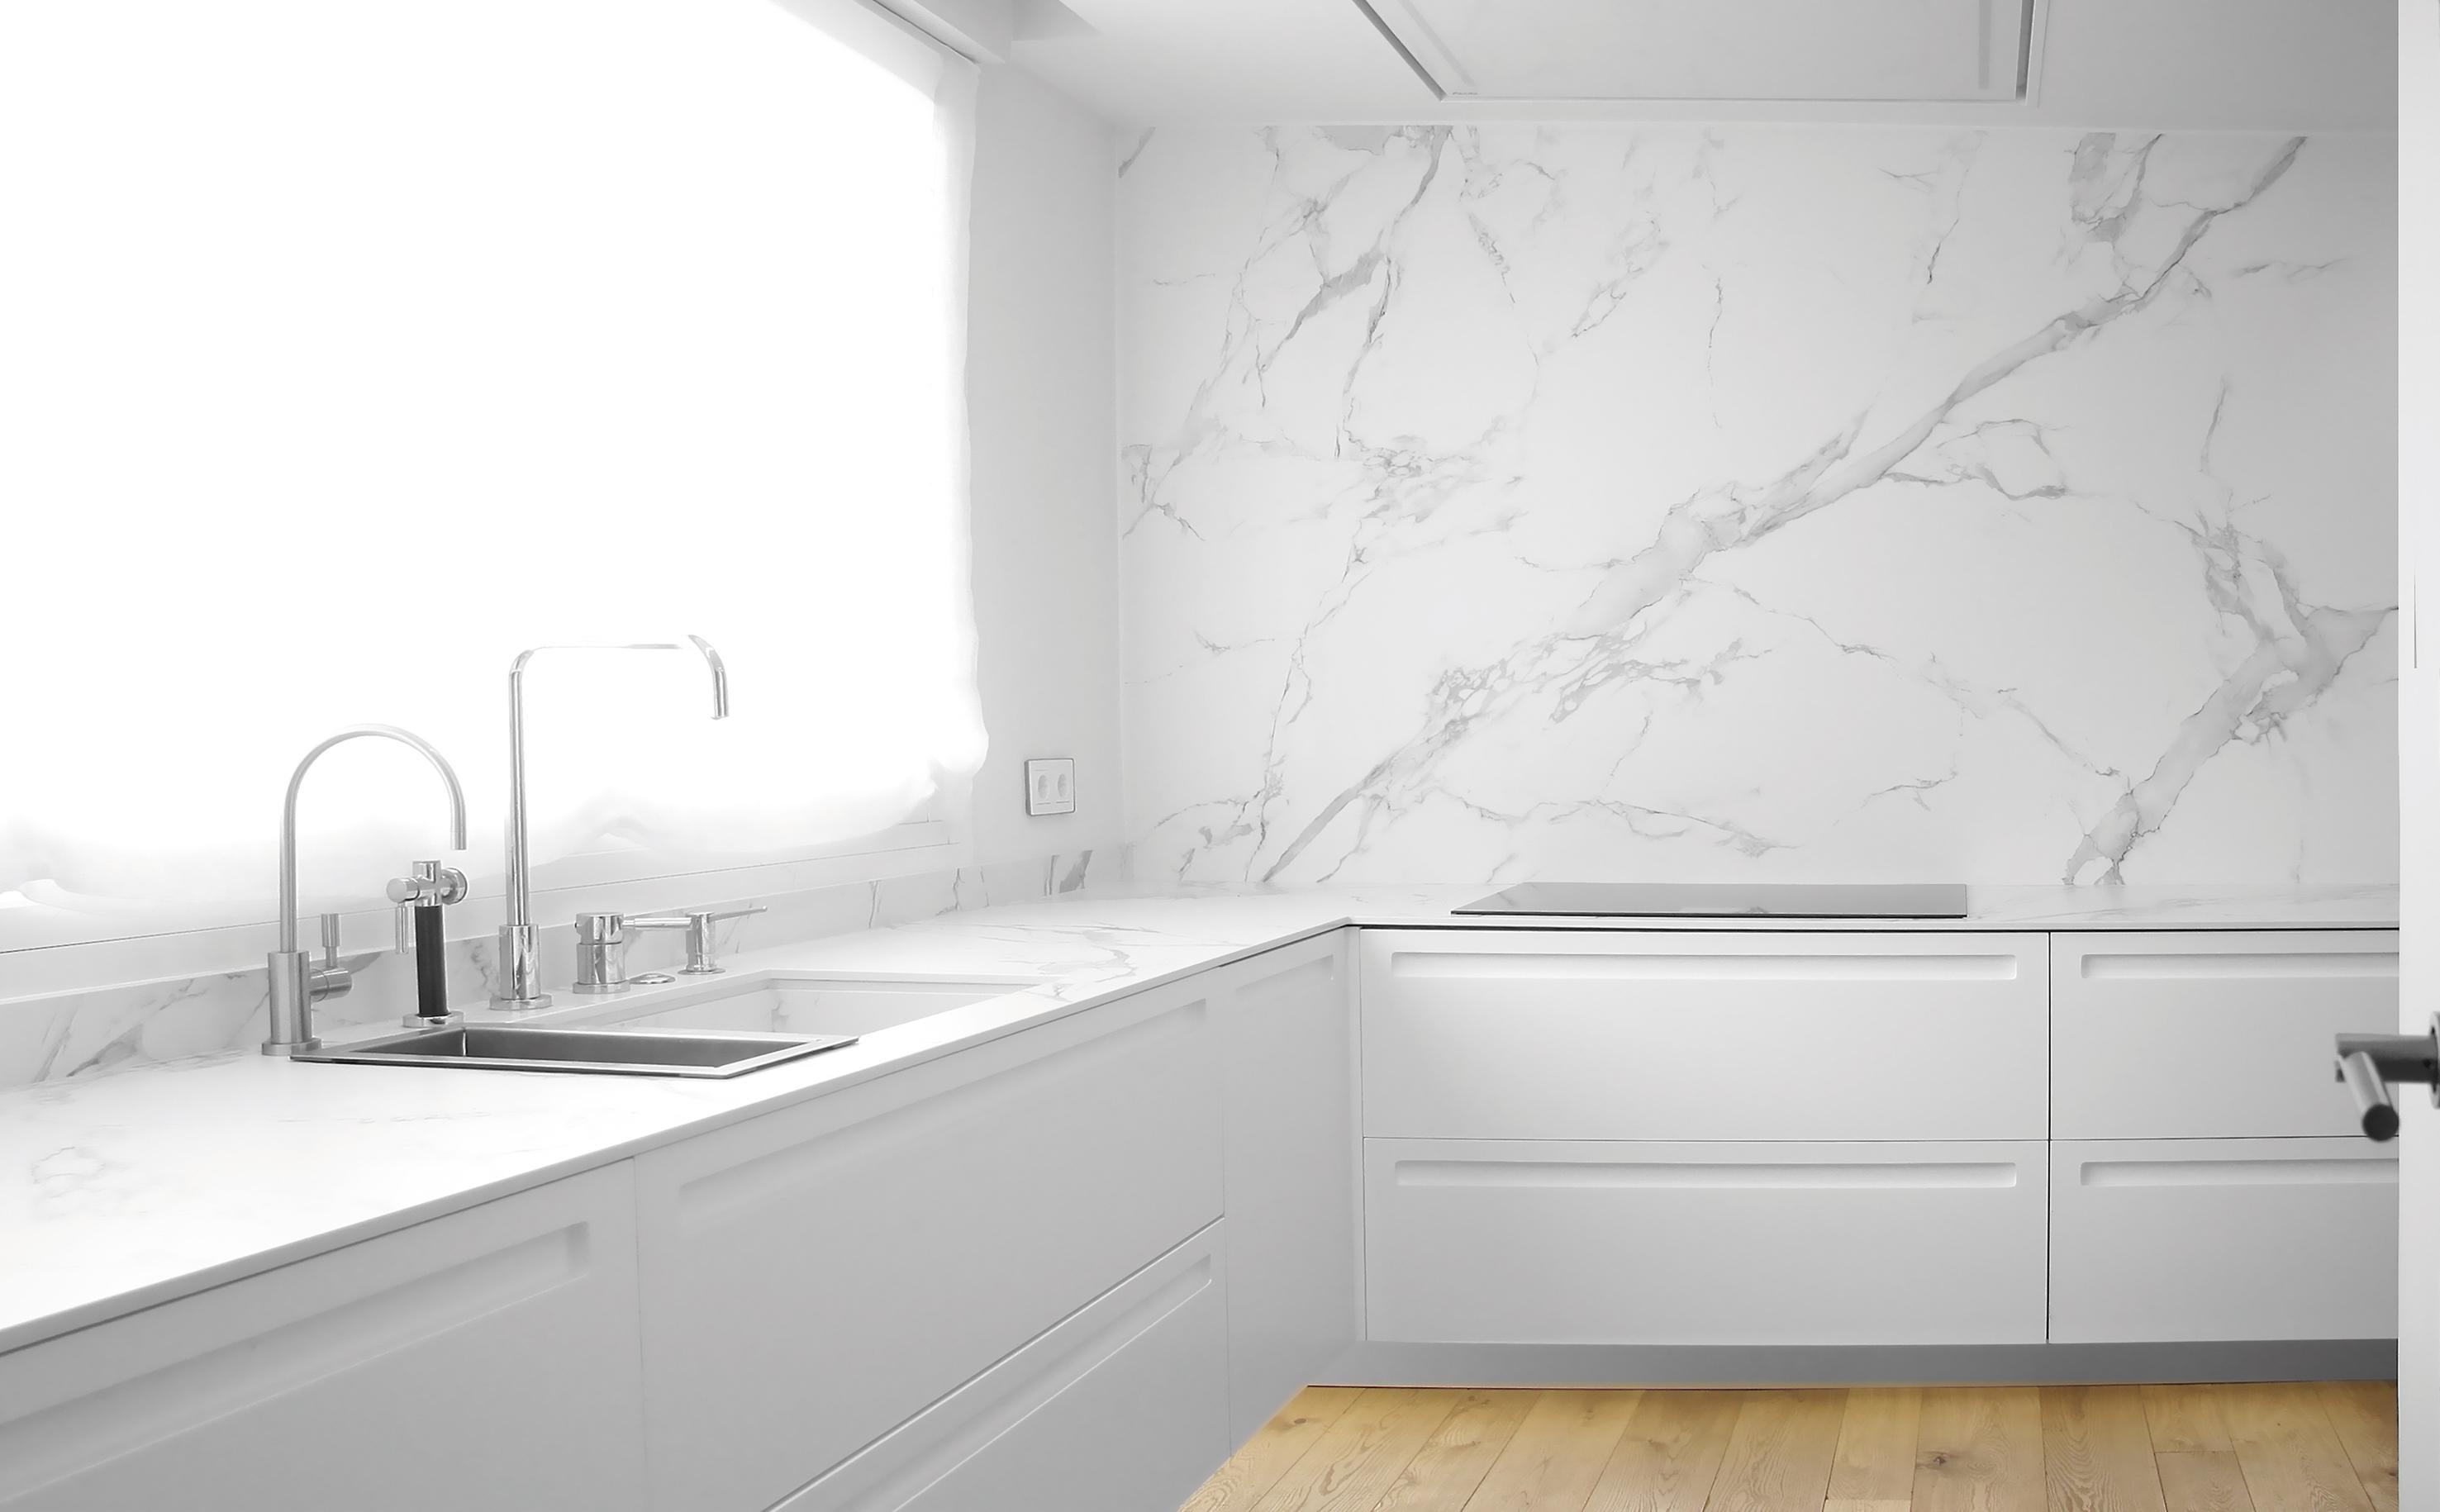 Reforma cocina blanca y madera. Reformas integrales Zaragoza